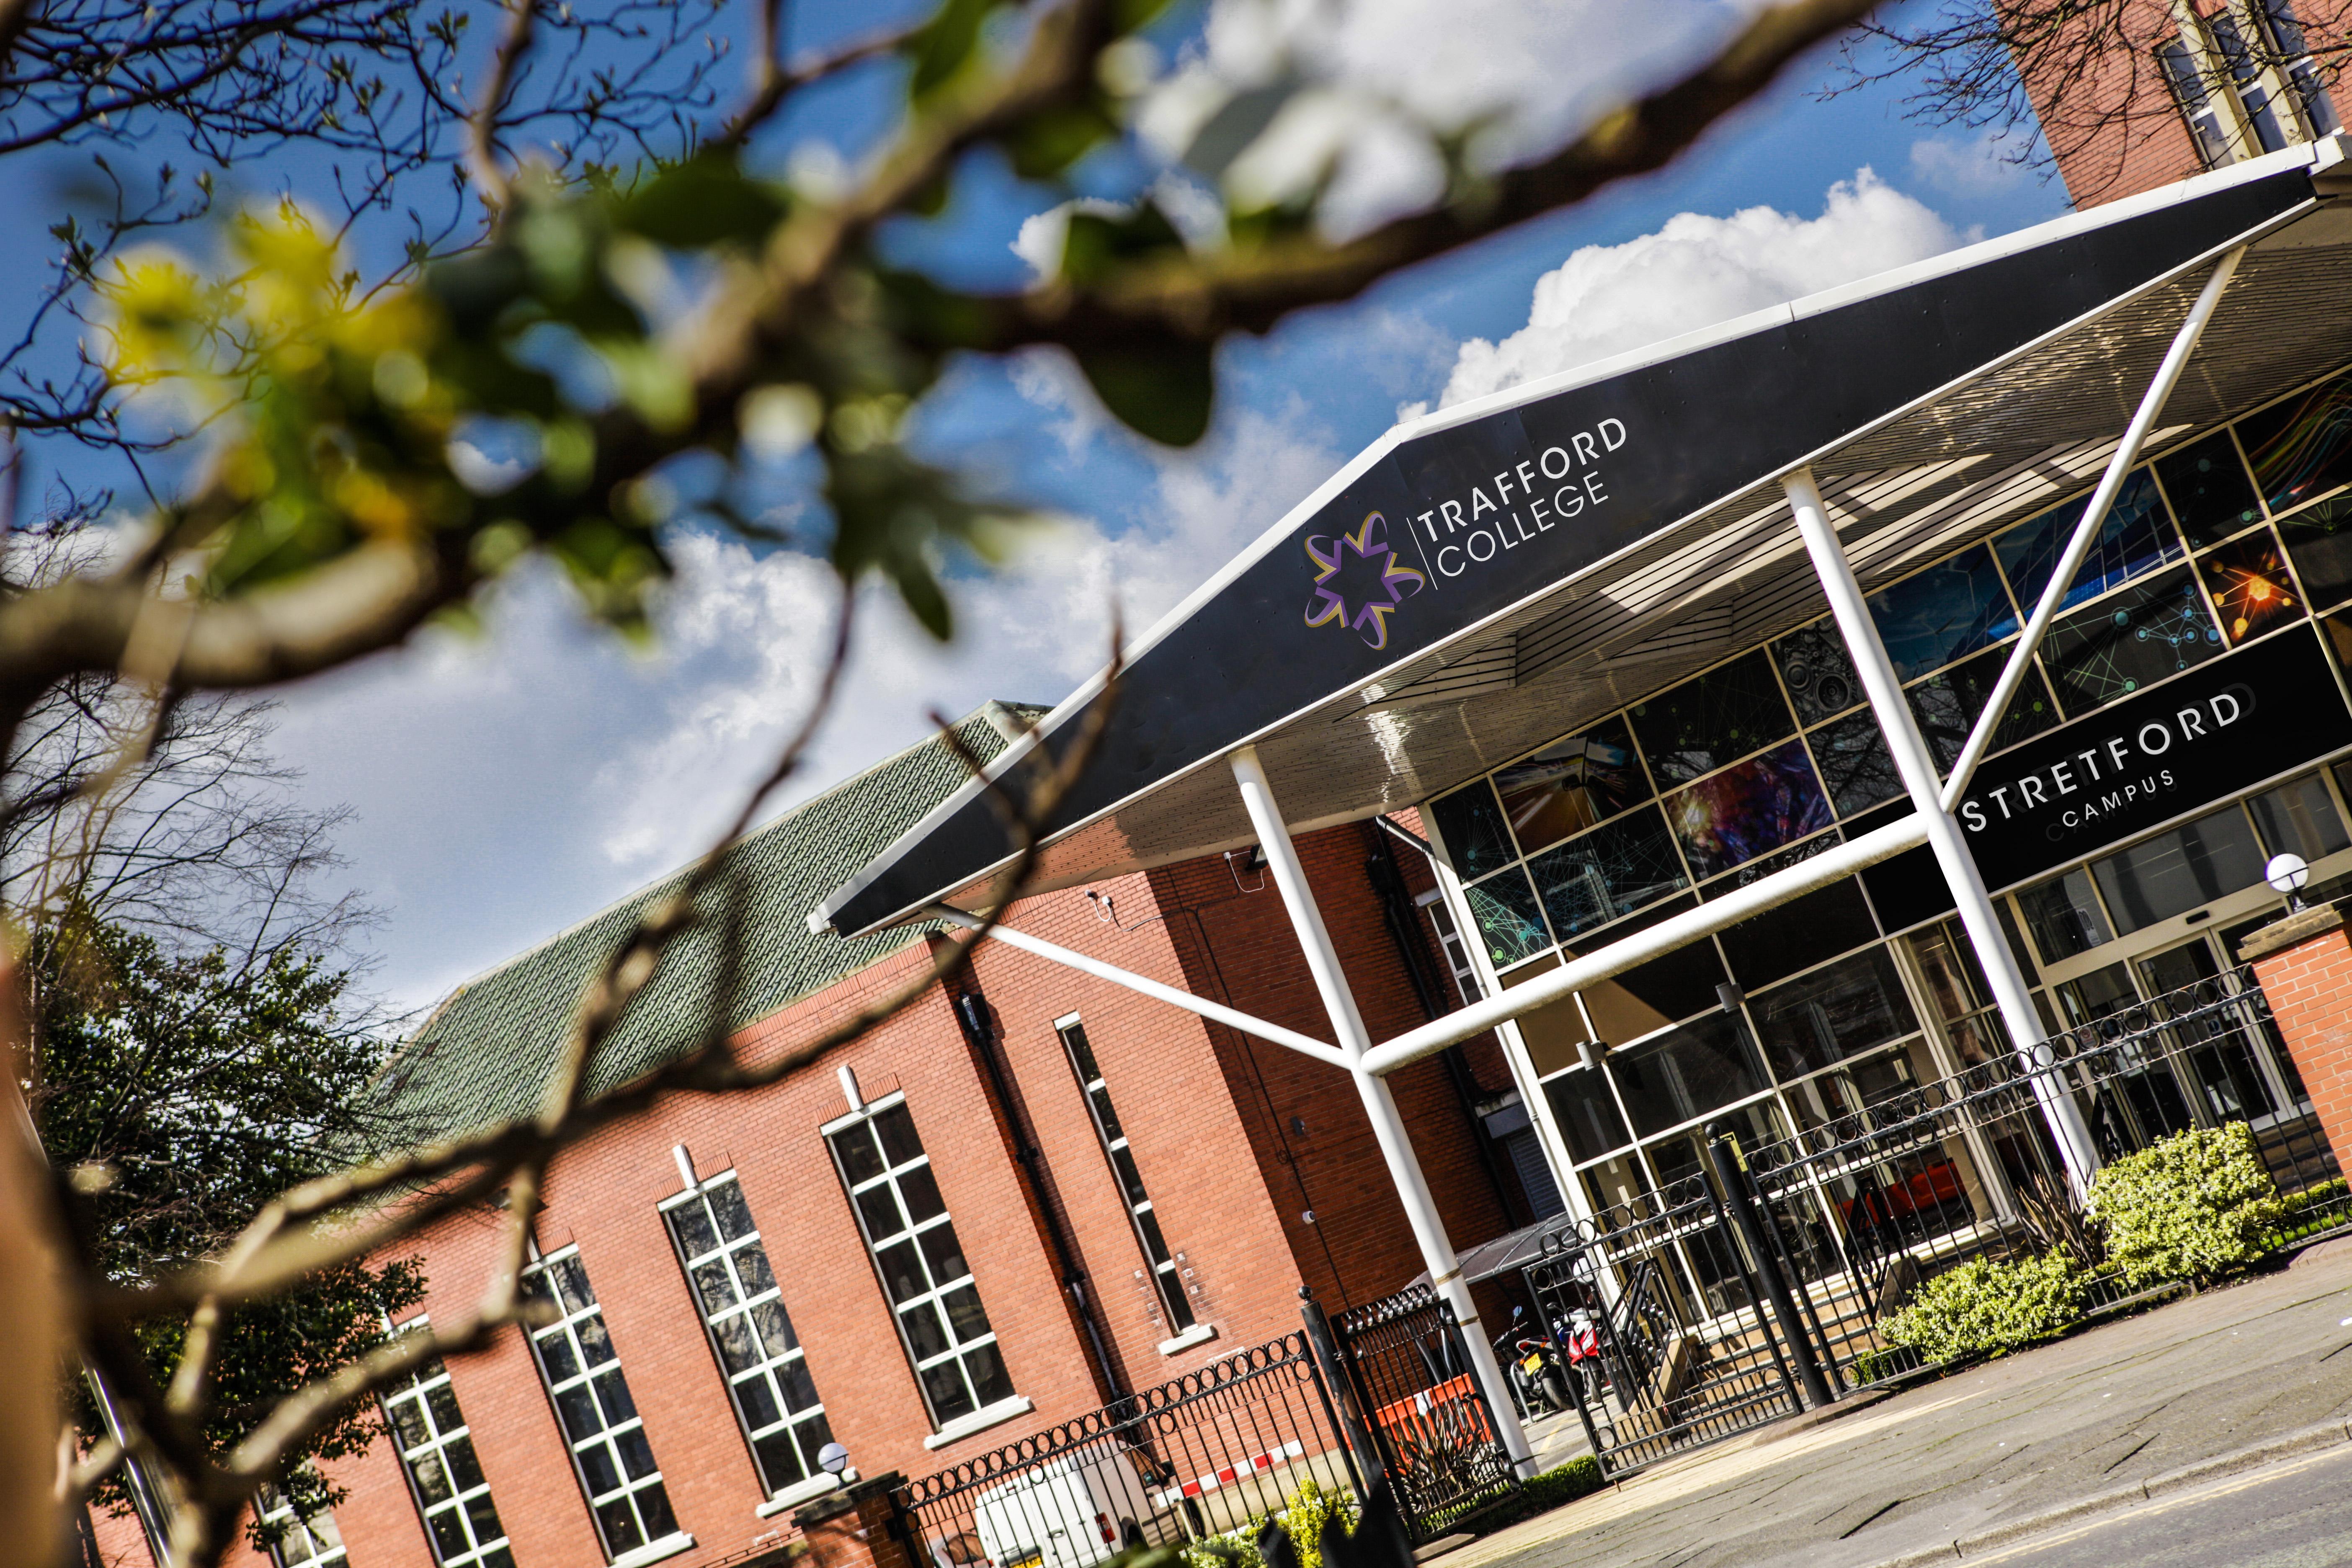 Outside Trafford College Stretford Campus